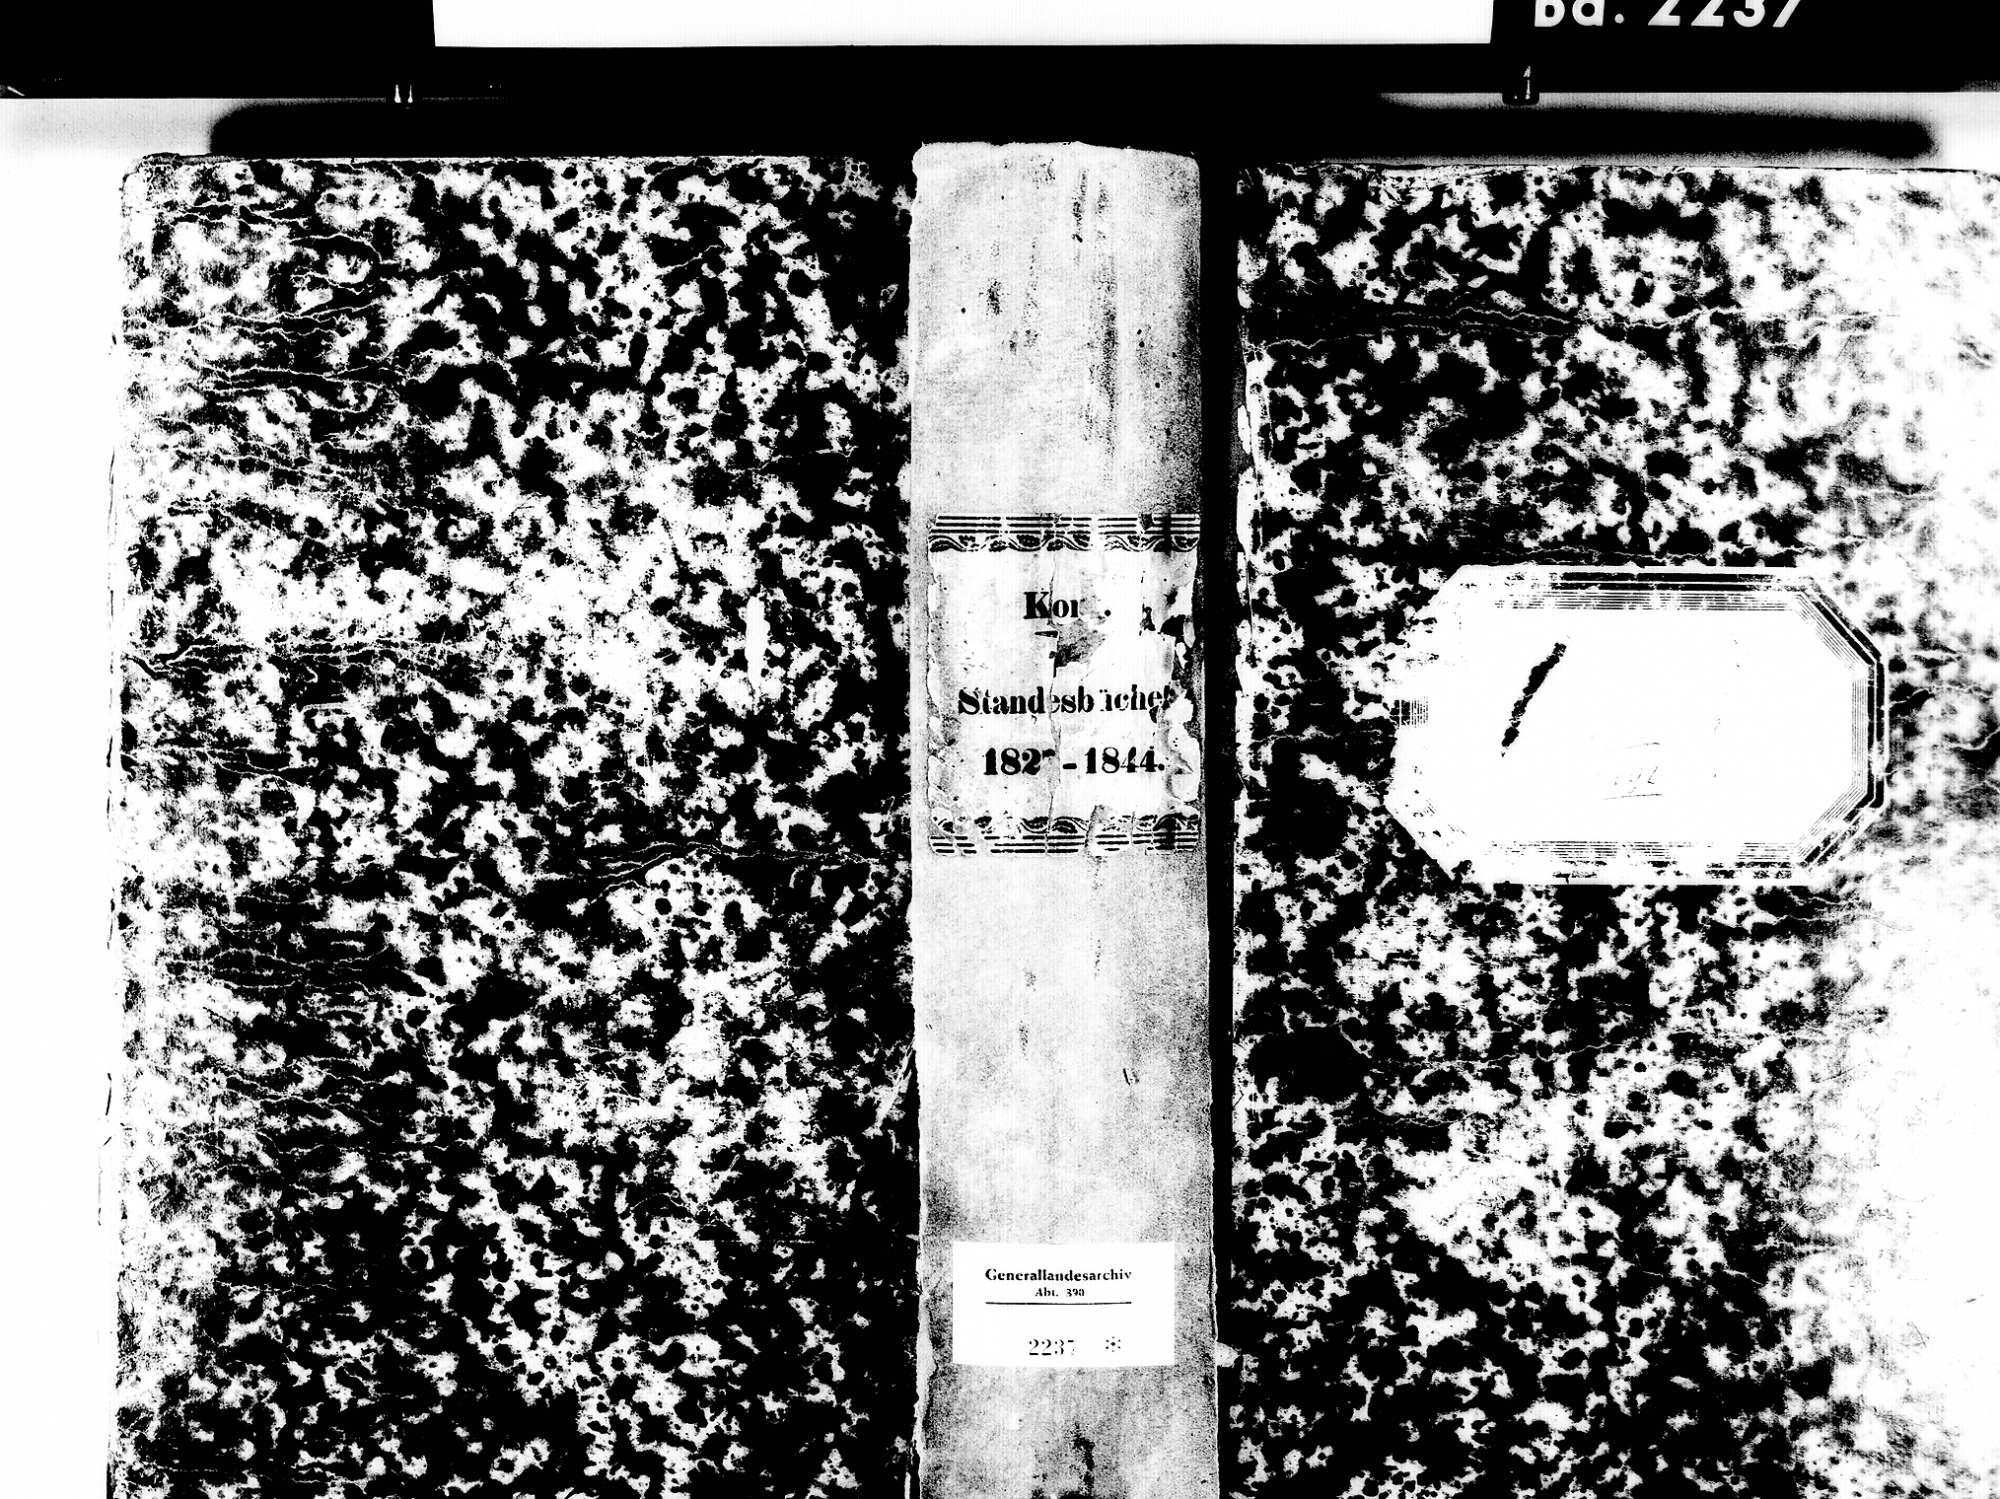 Kork, Kehl OG; Evangelische Gemeinde: Standesbuch 1827-1844, Bild 1